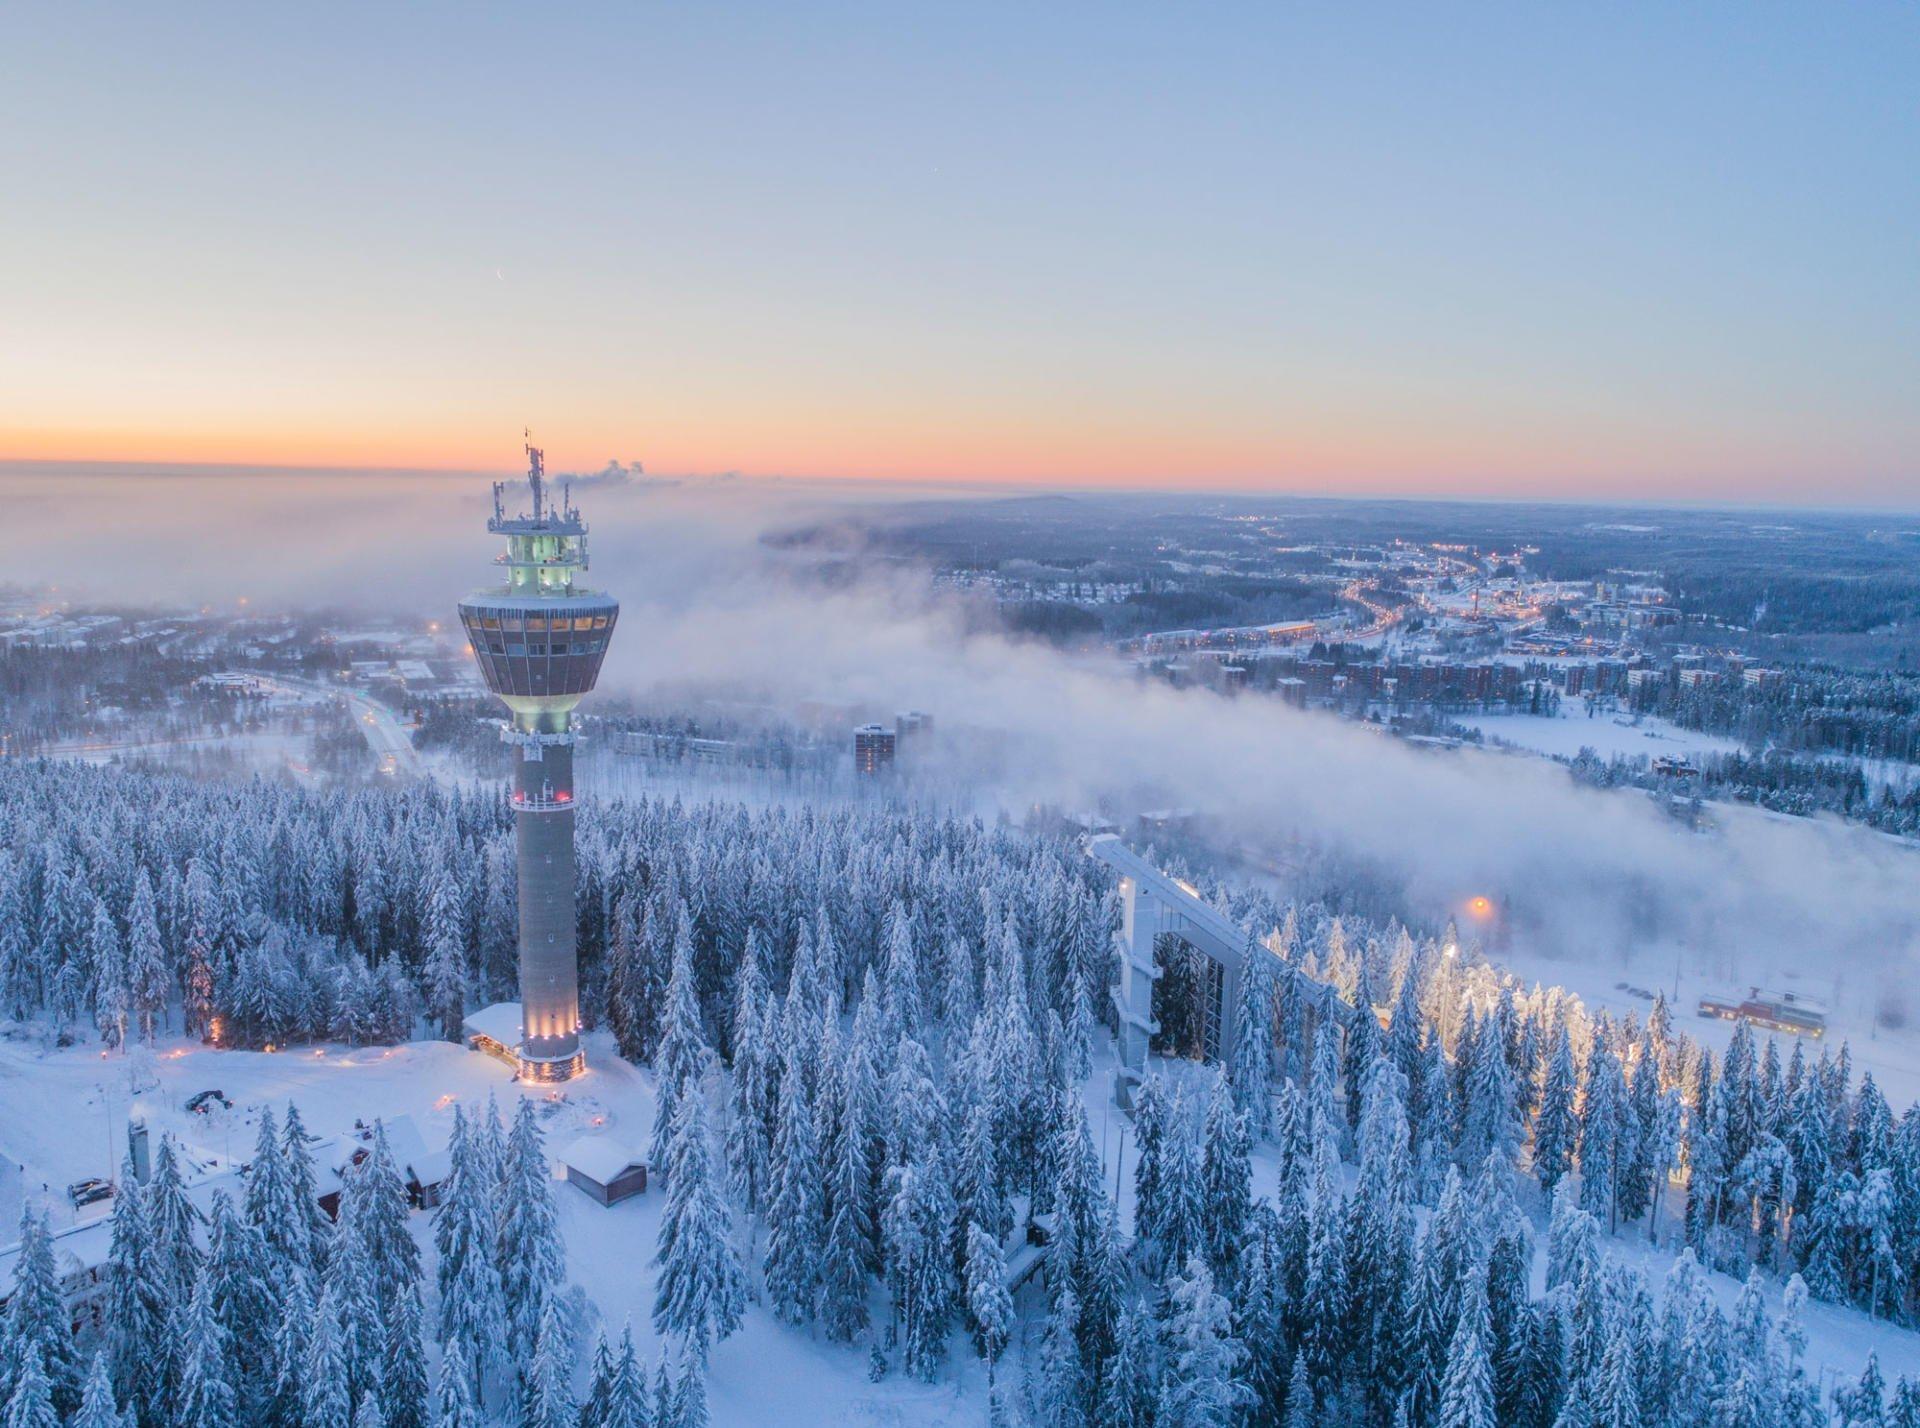 Koe lumoava luonto ja kaupungin kosketus talvisessa Kuopiossa